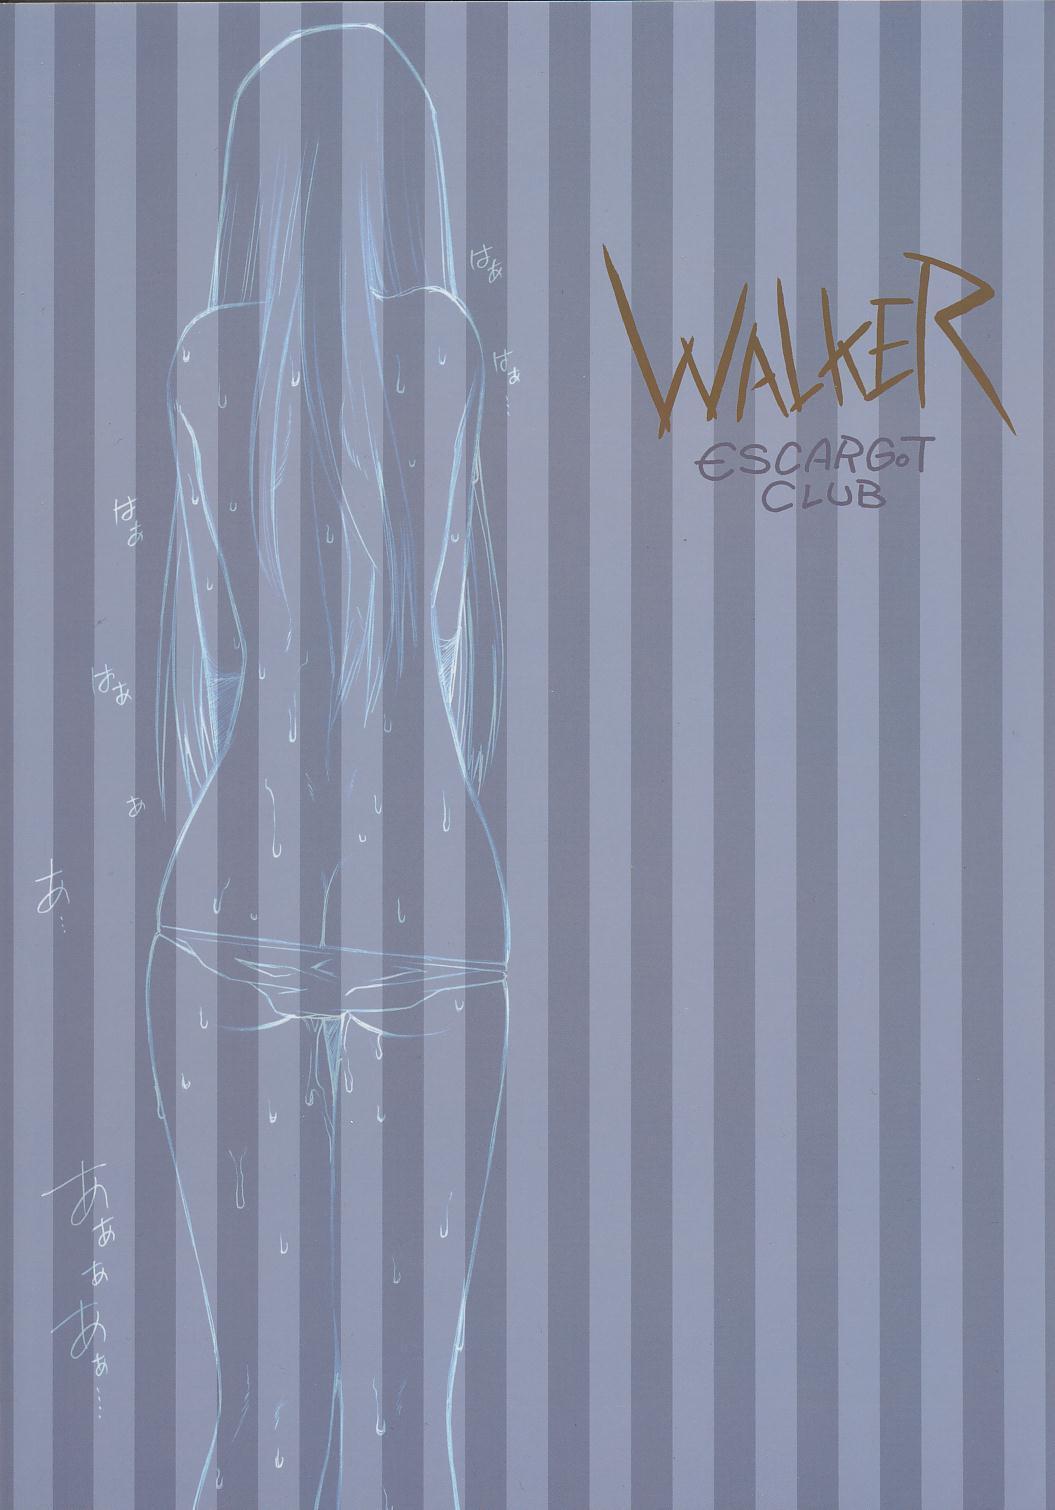 WALKER 33